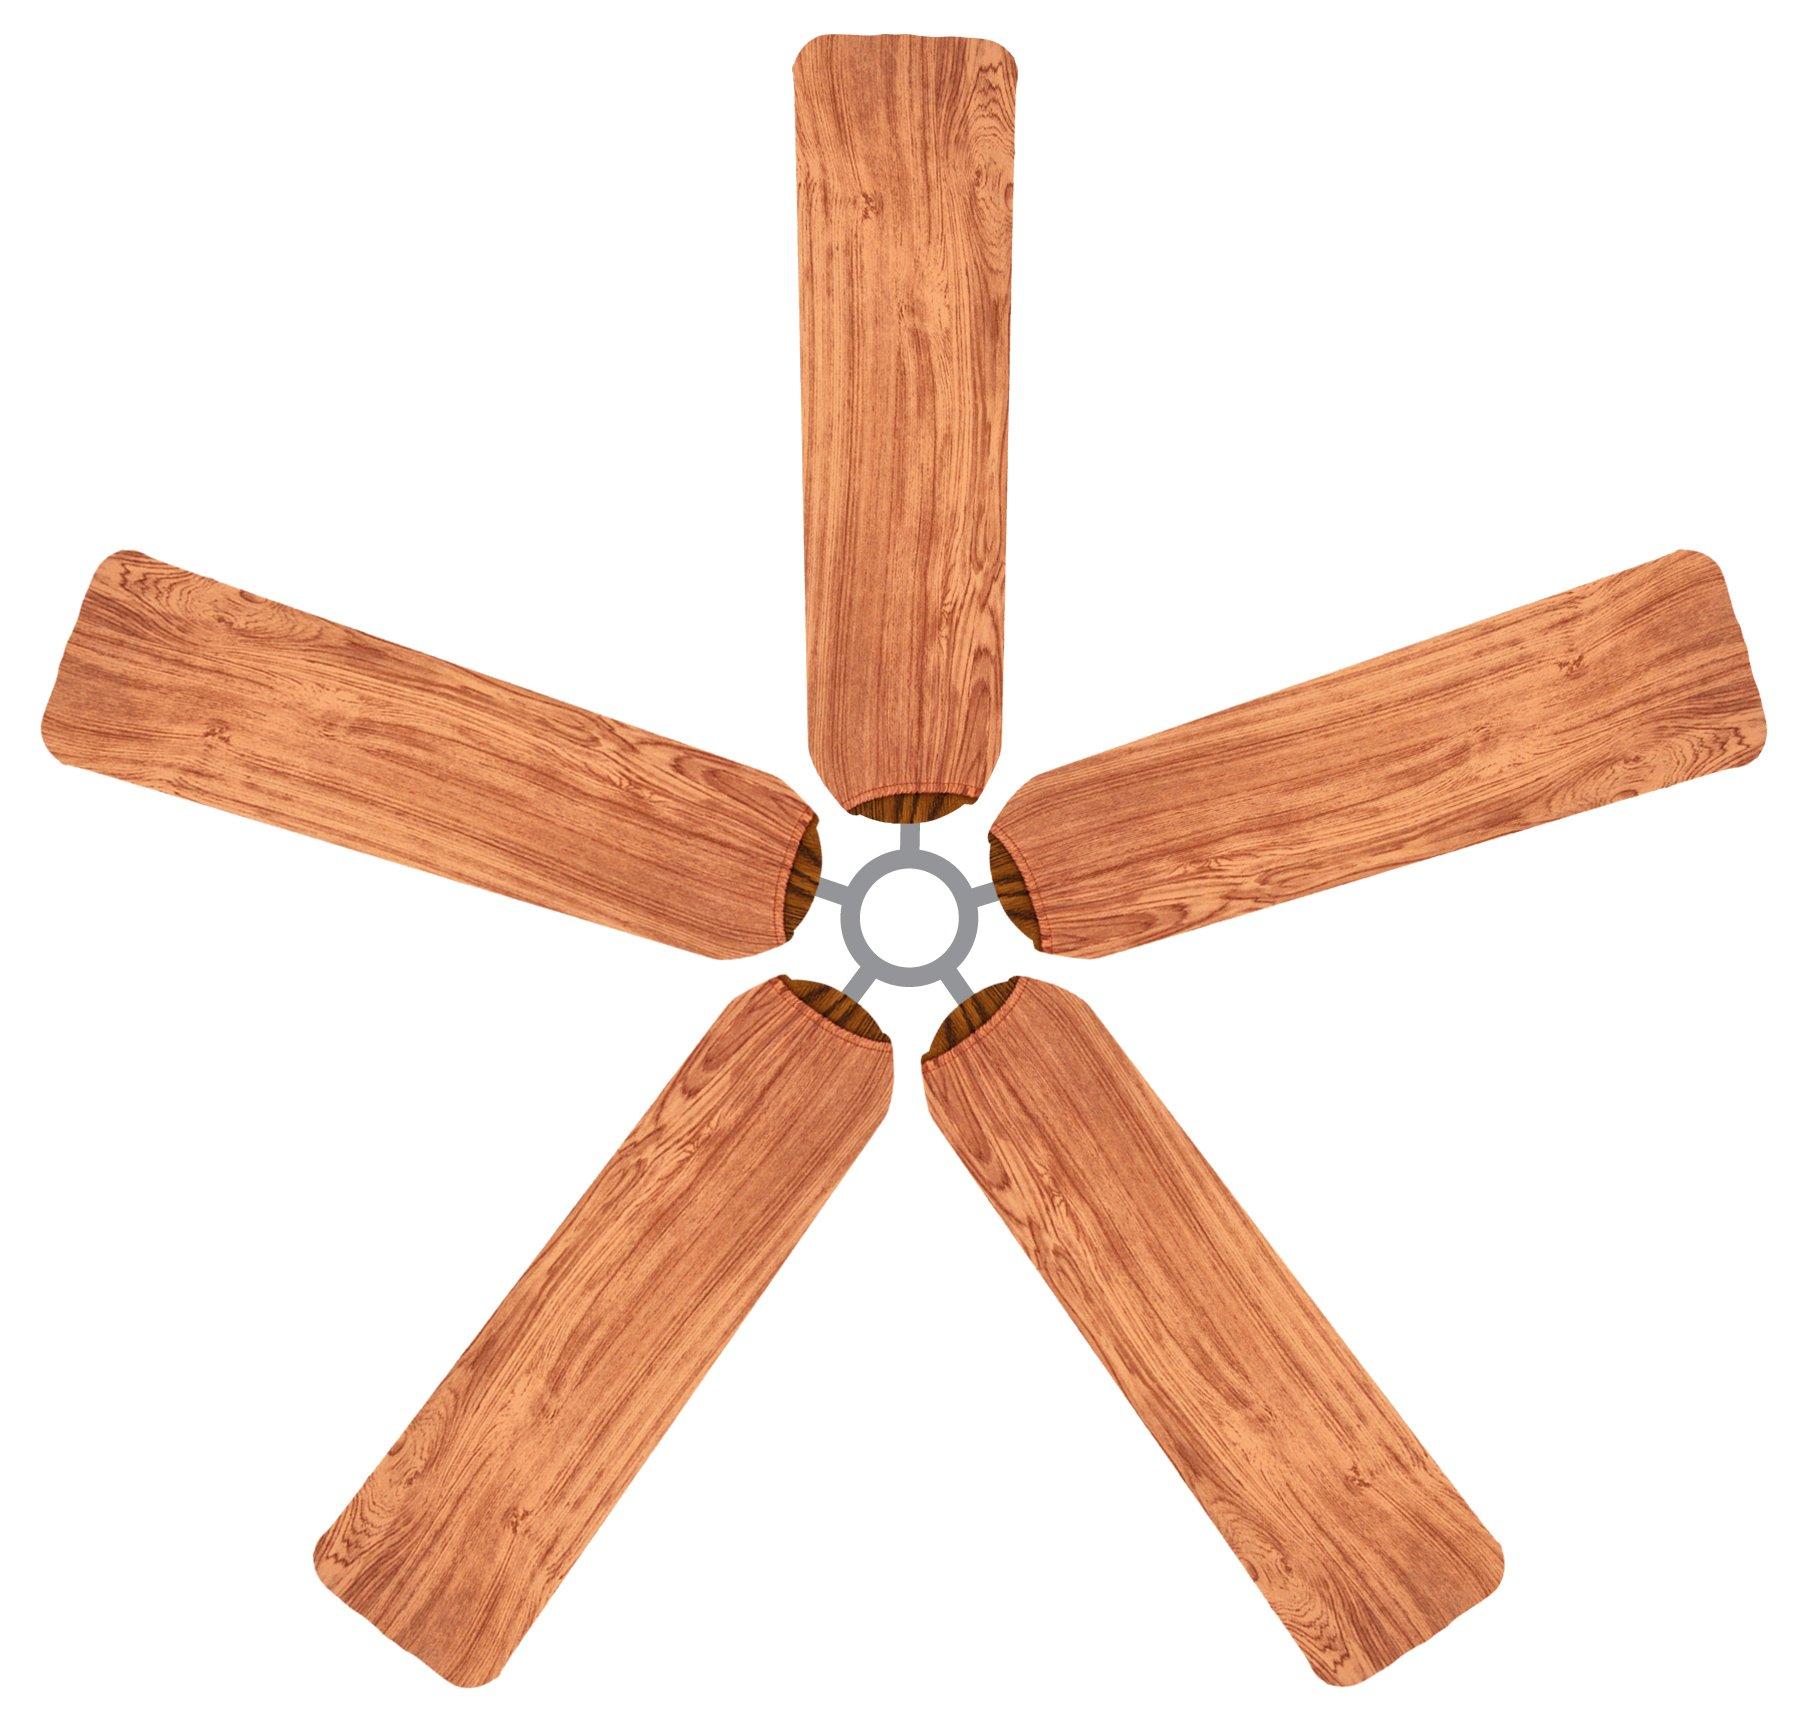 Fan Blade Designs Redwood Ceiling Fan Blade Covers